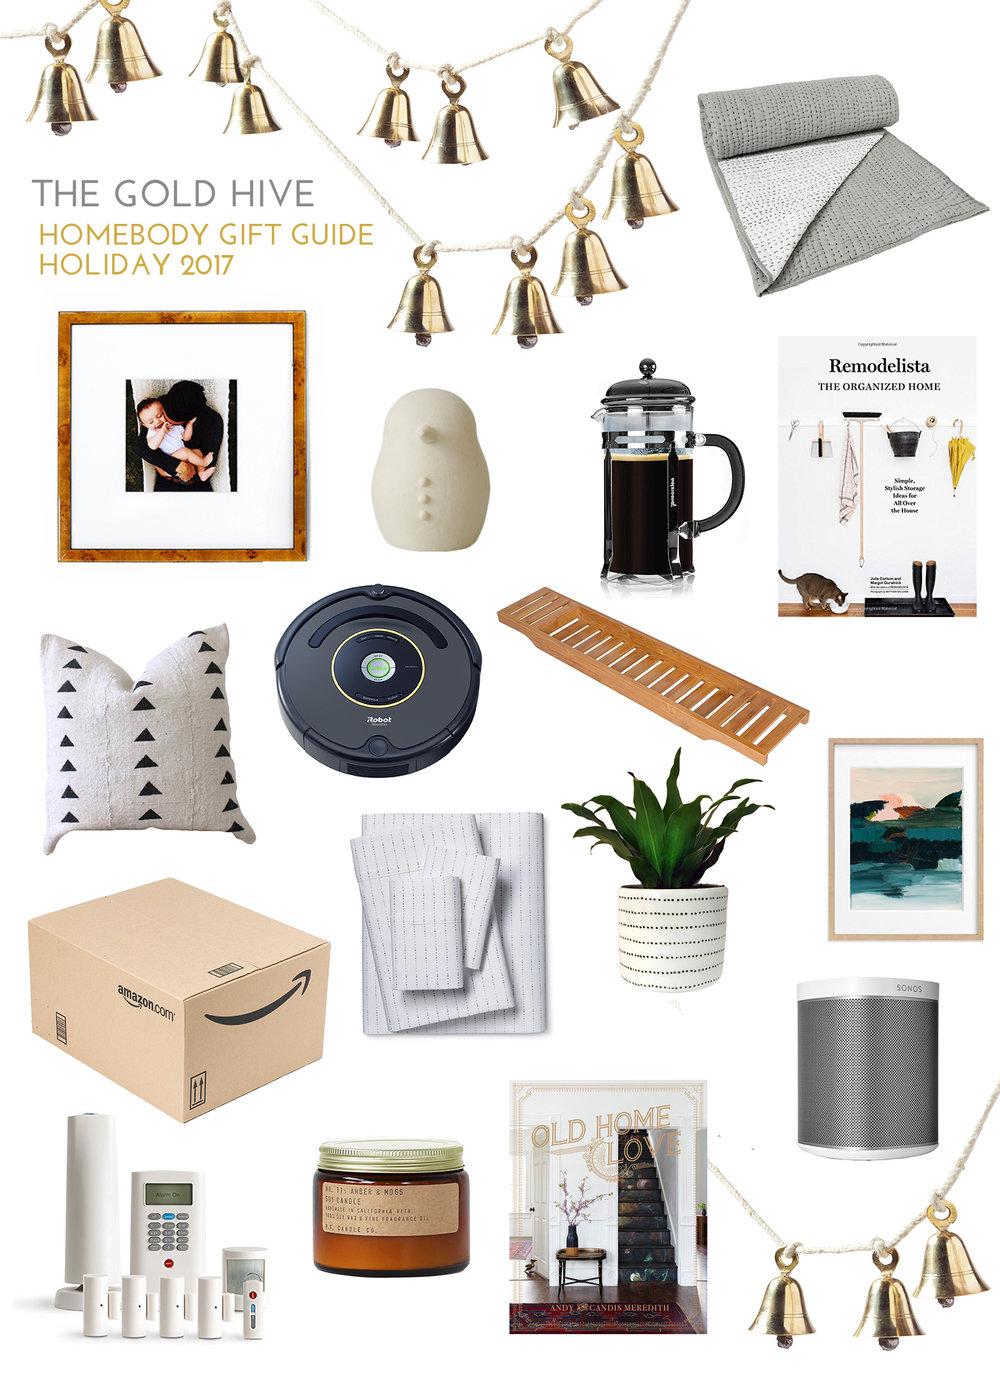 homebody gift guide2.jpg